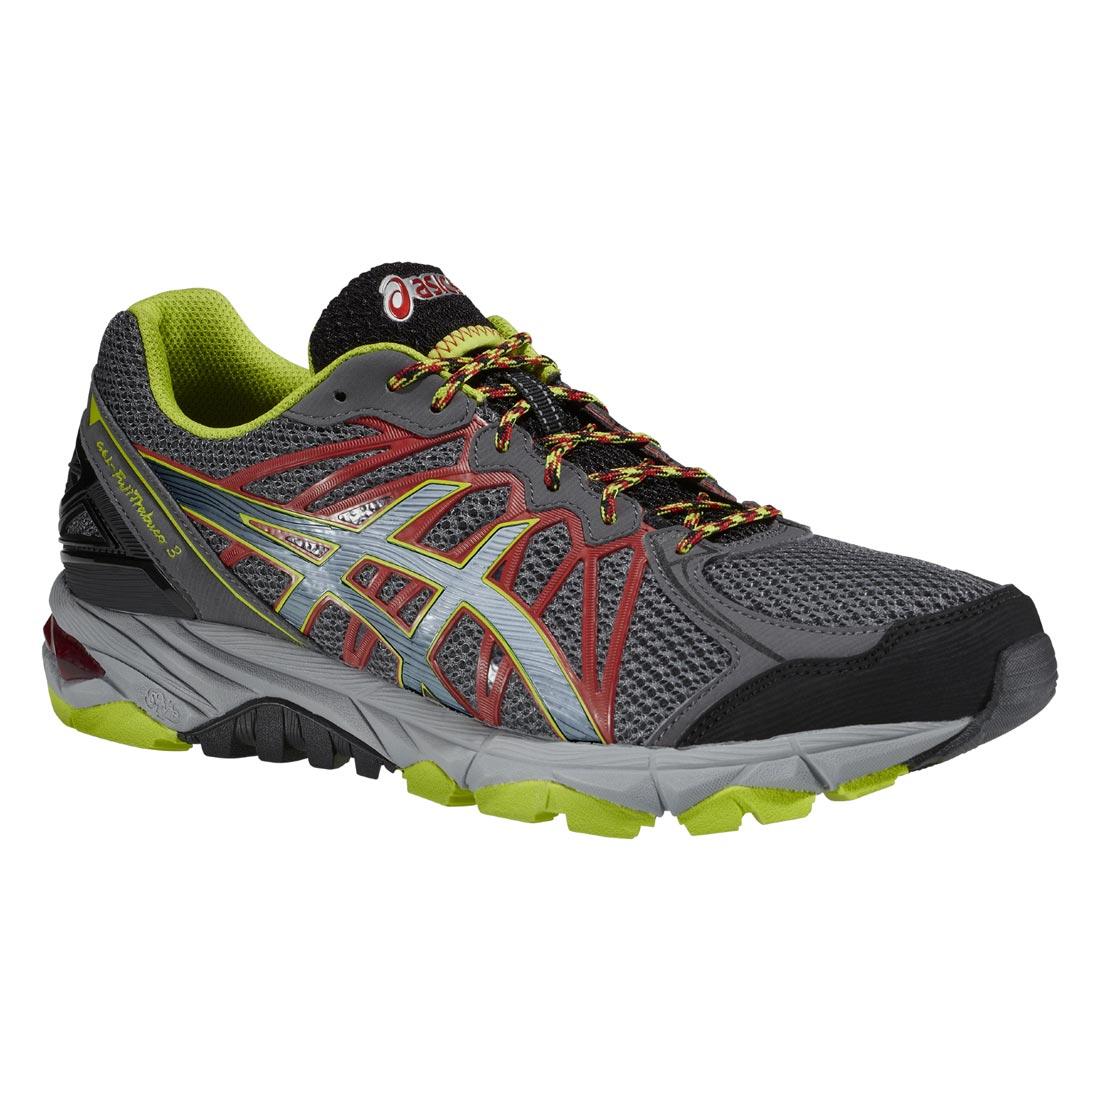 La chaussure de trail Asics Gel Fuji Trabuco 3.